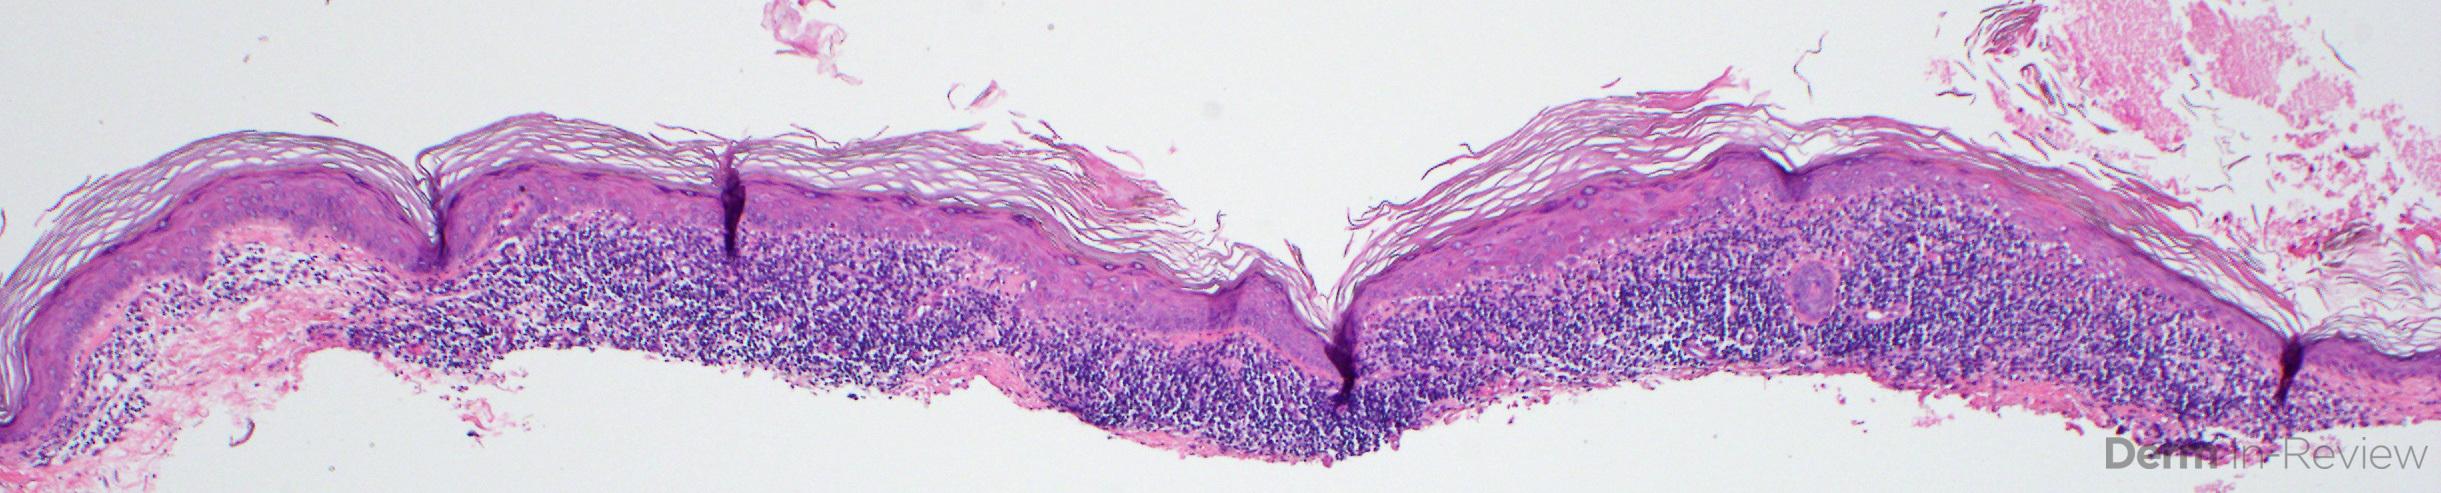 13.5 Benign lichenoid keratosis